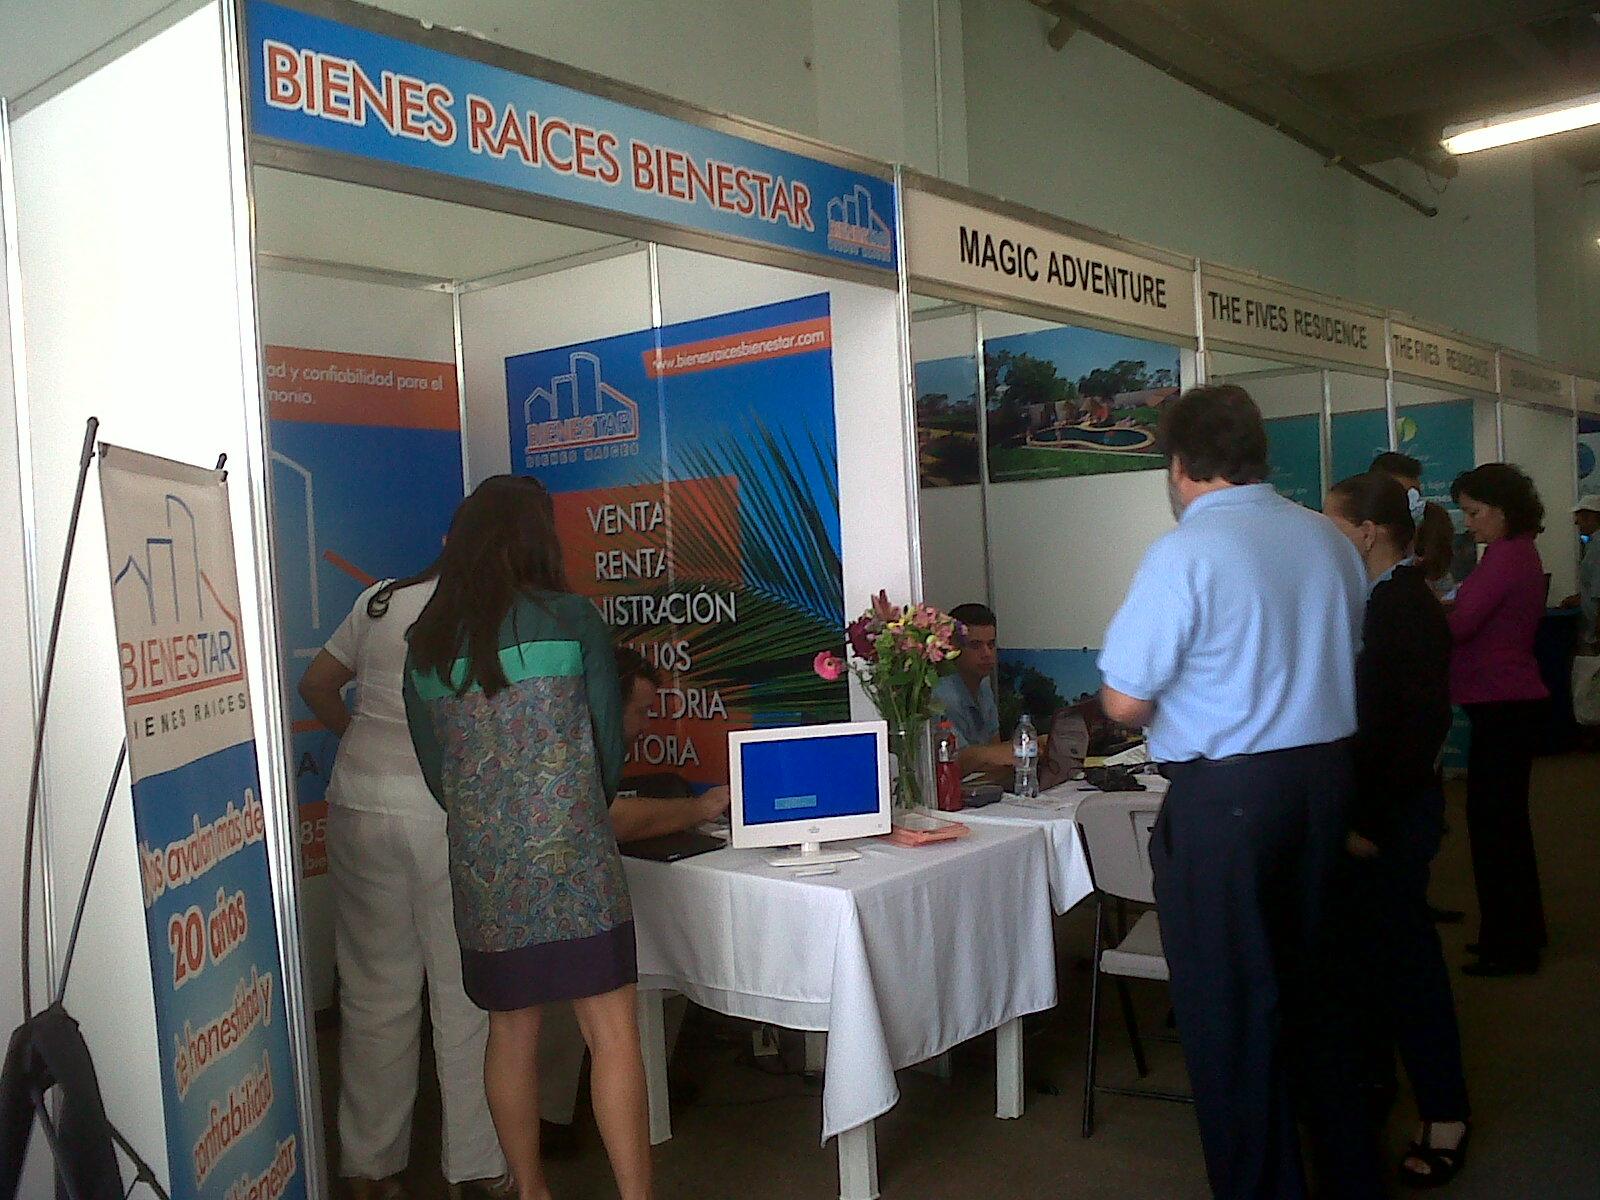 Stands Para Expo Df : Montaje de stands para expo bienes raices en b cancún